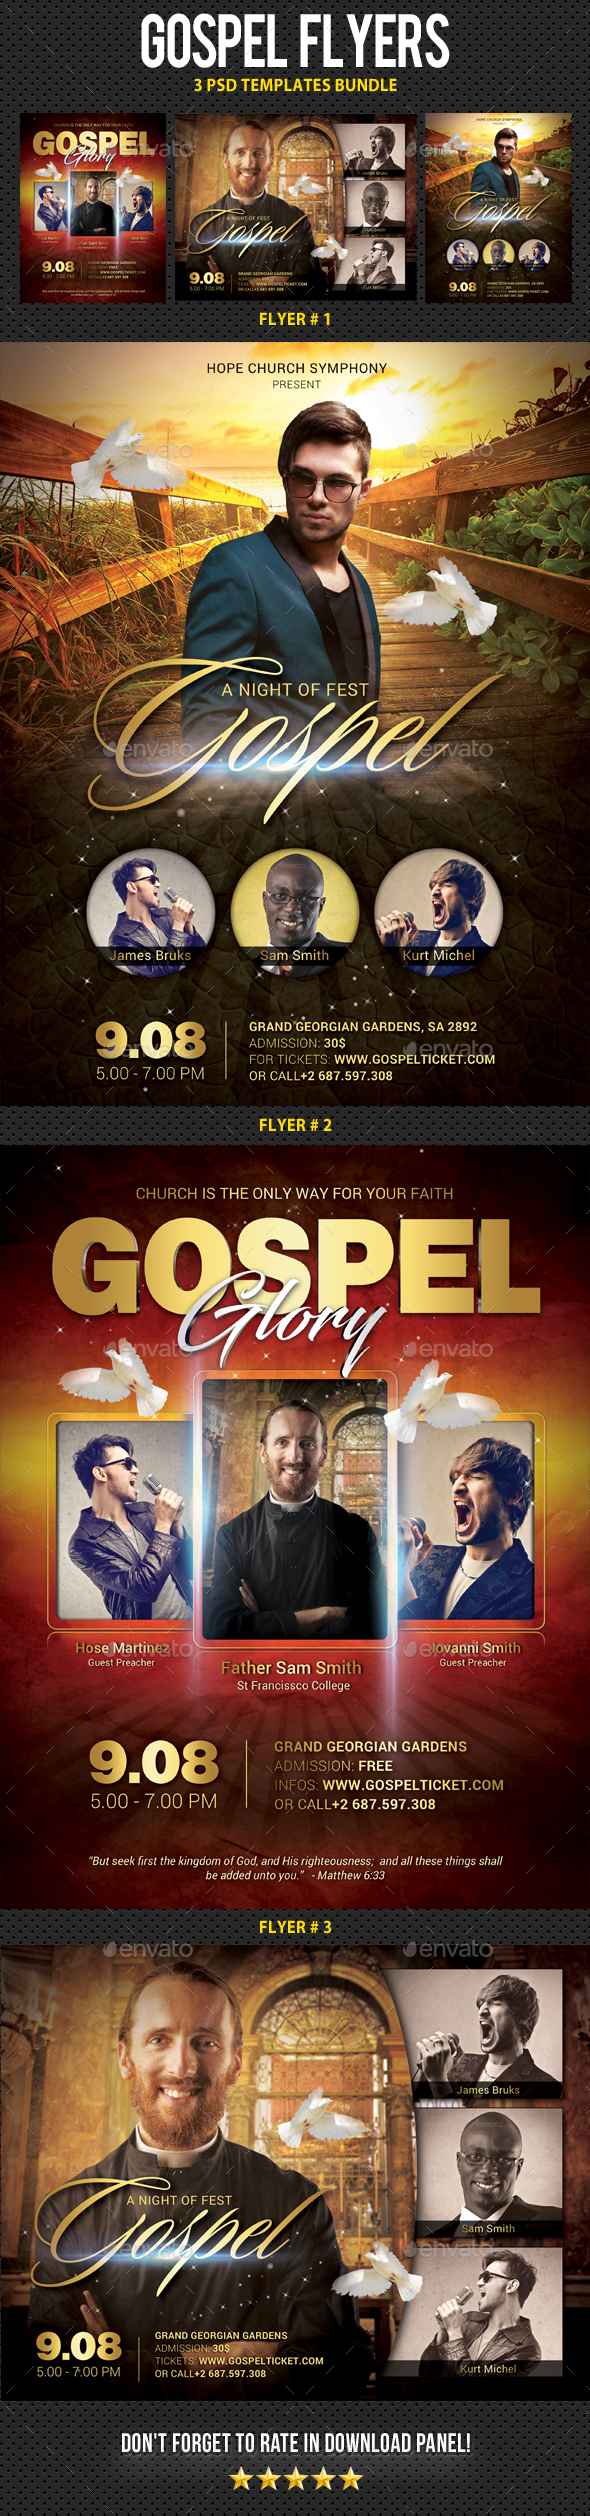 Gospel Flyer Templates - Church Flyers